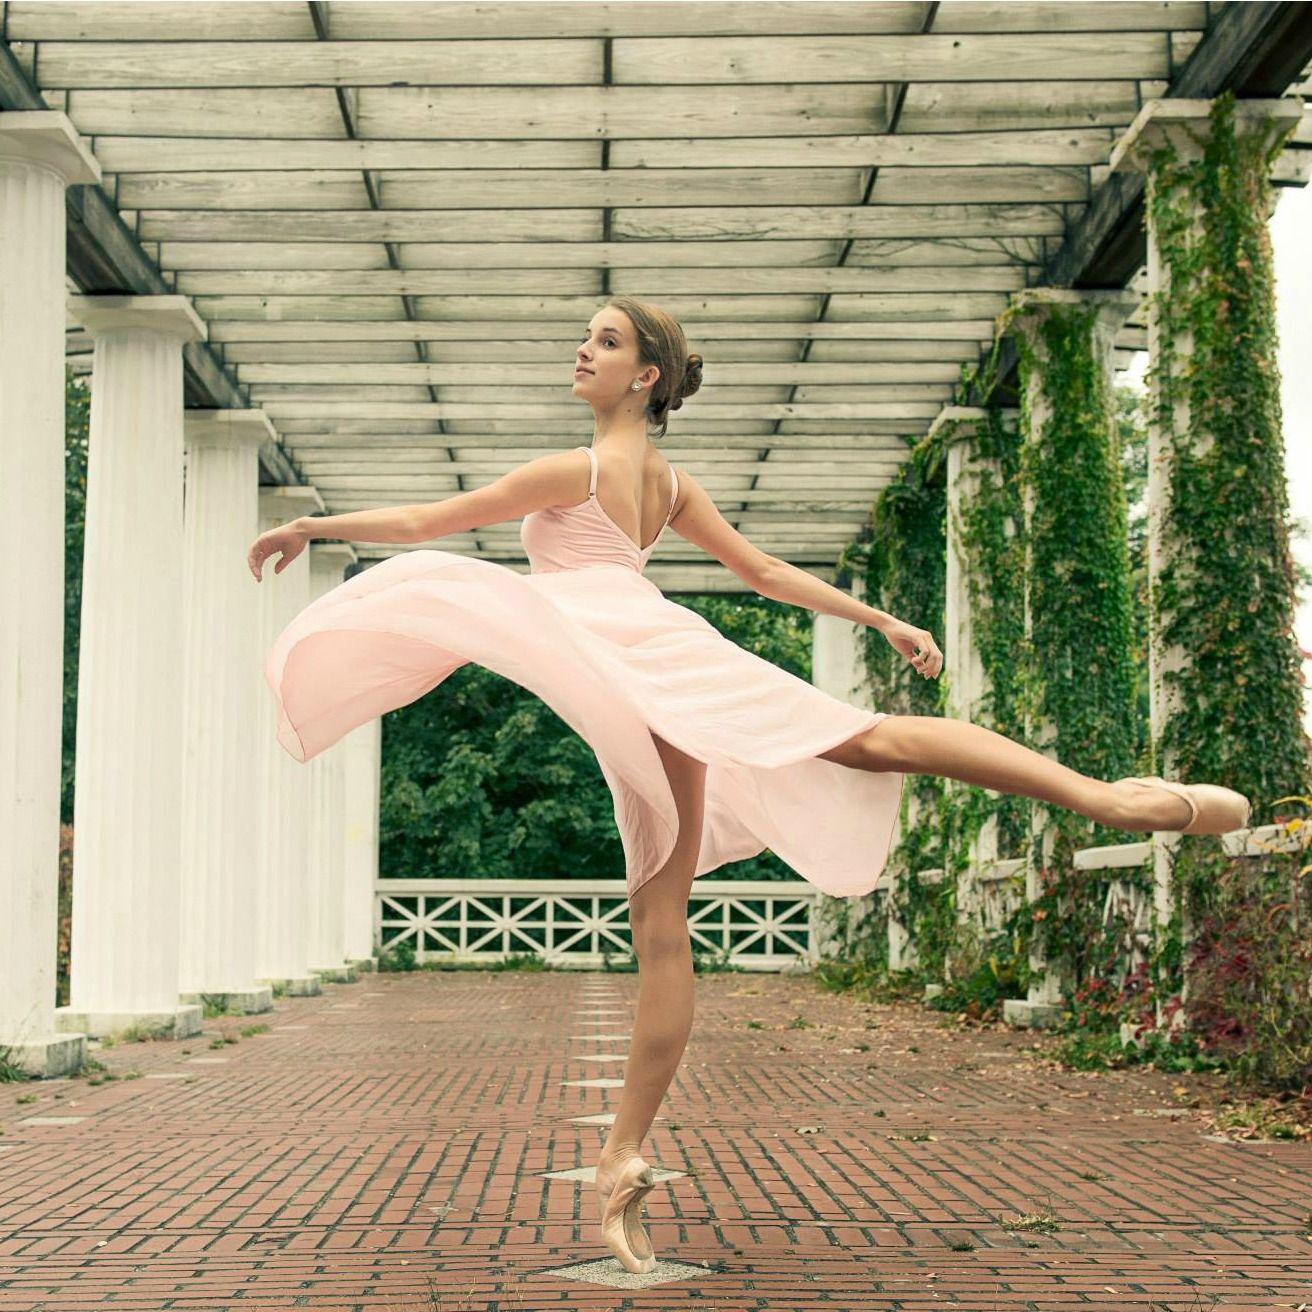 Диета Балерины За 3 Дня. Диета балерин: рацион для похудения